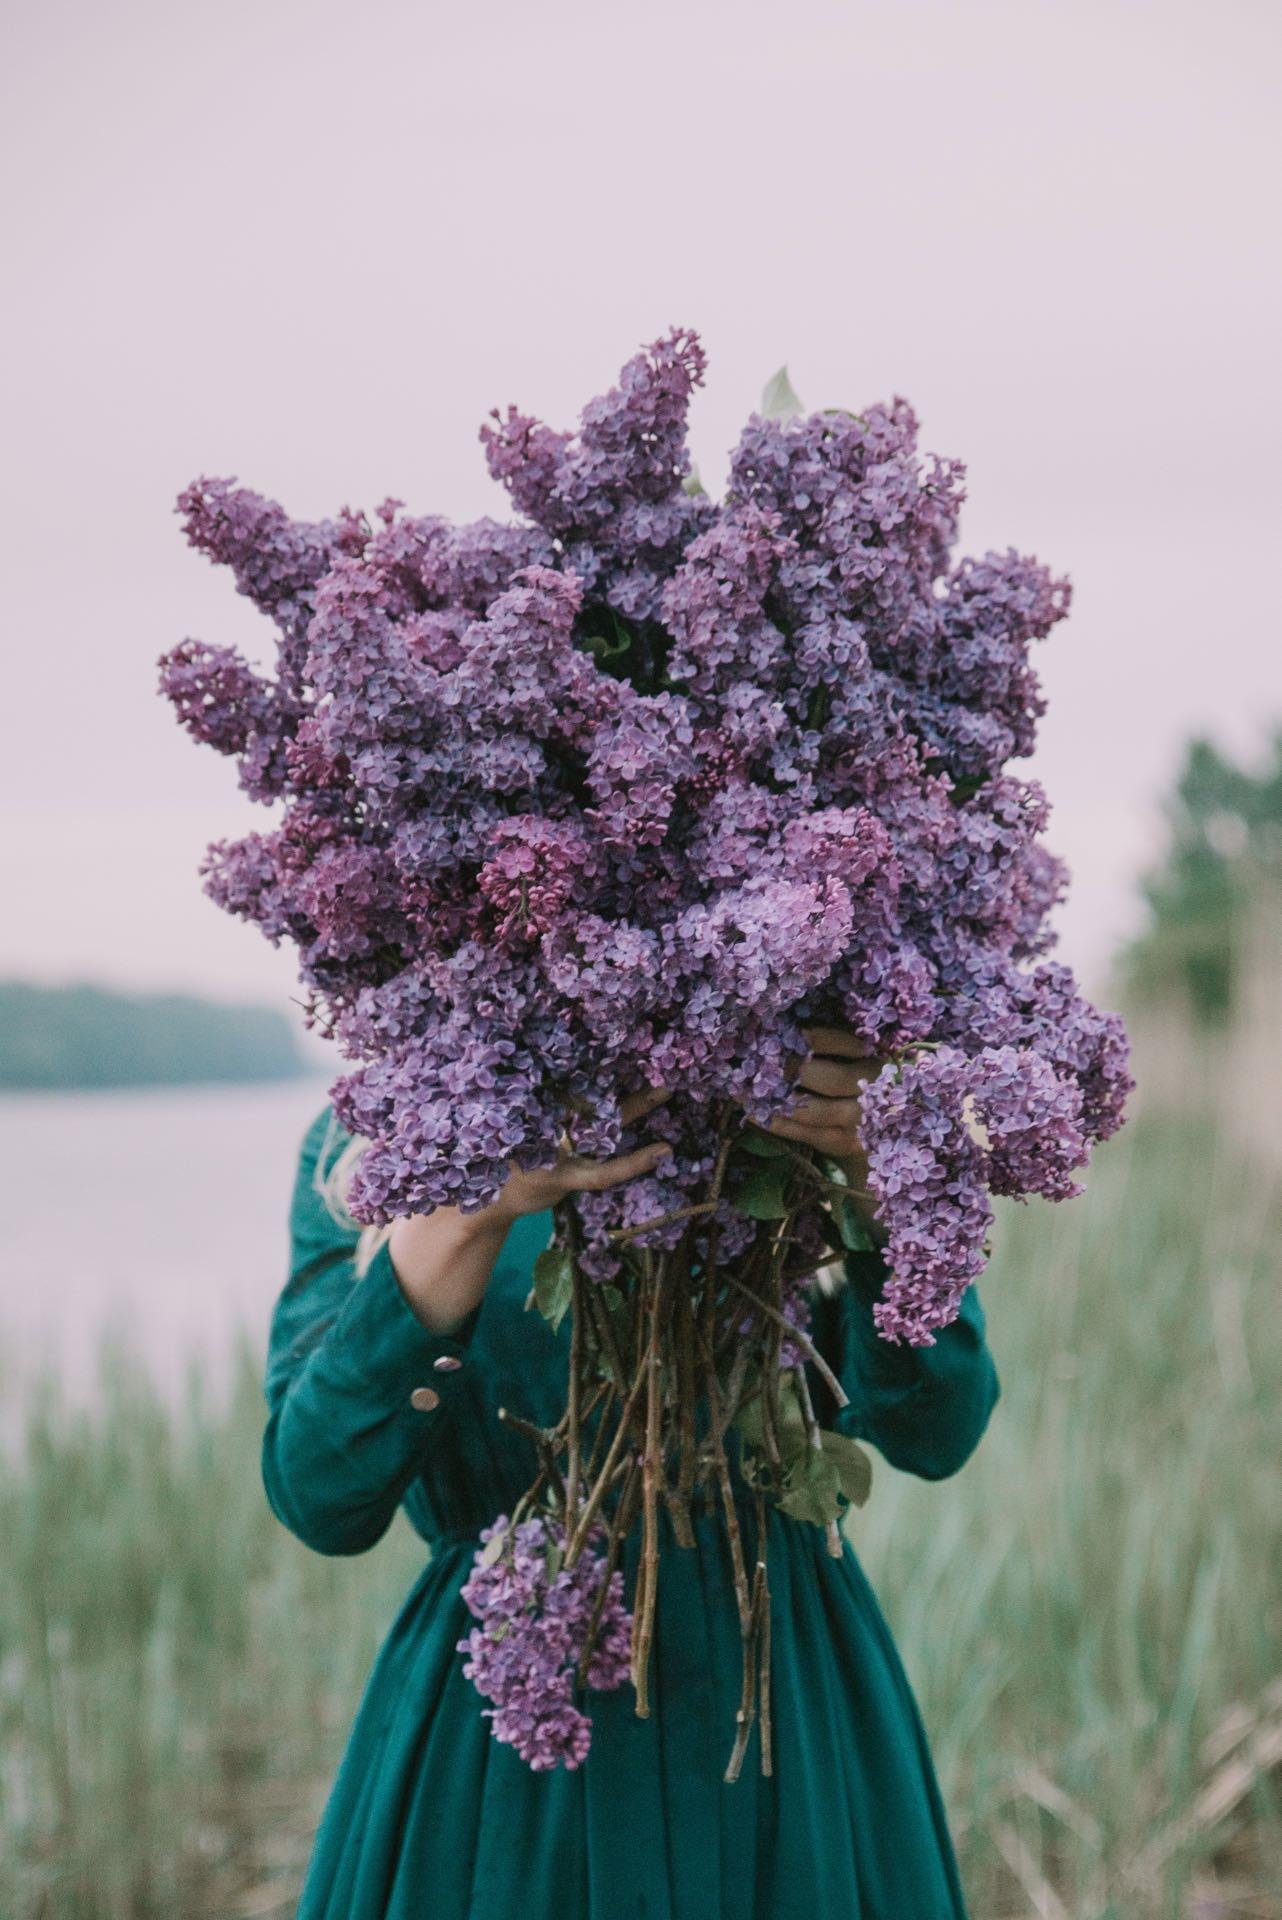 hochzeitstrends-2019-ultra-violet-1